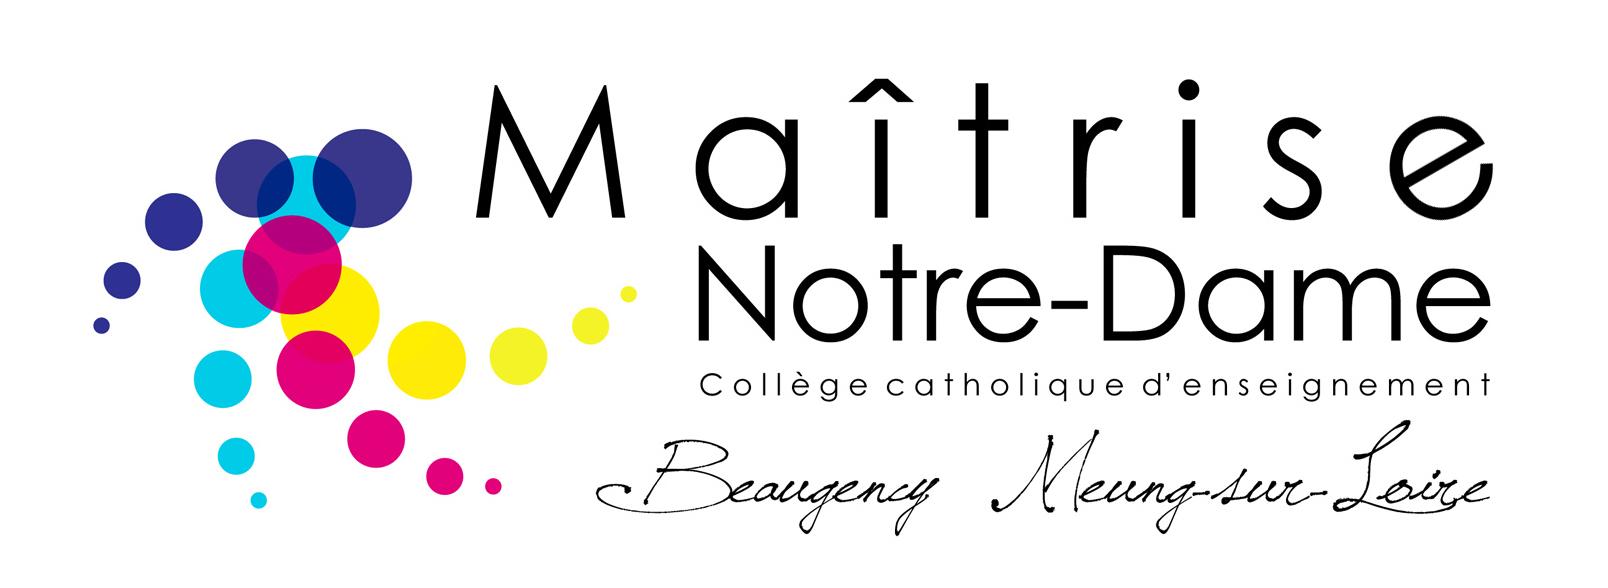 Collège de la Maîtrise Notre Dame